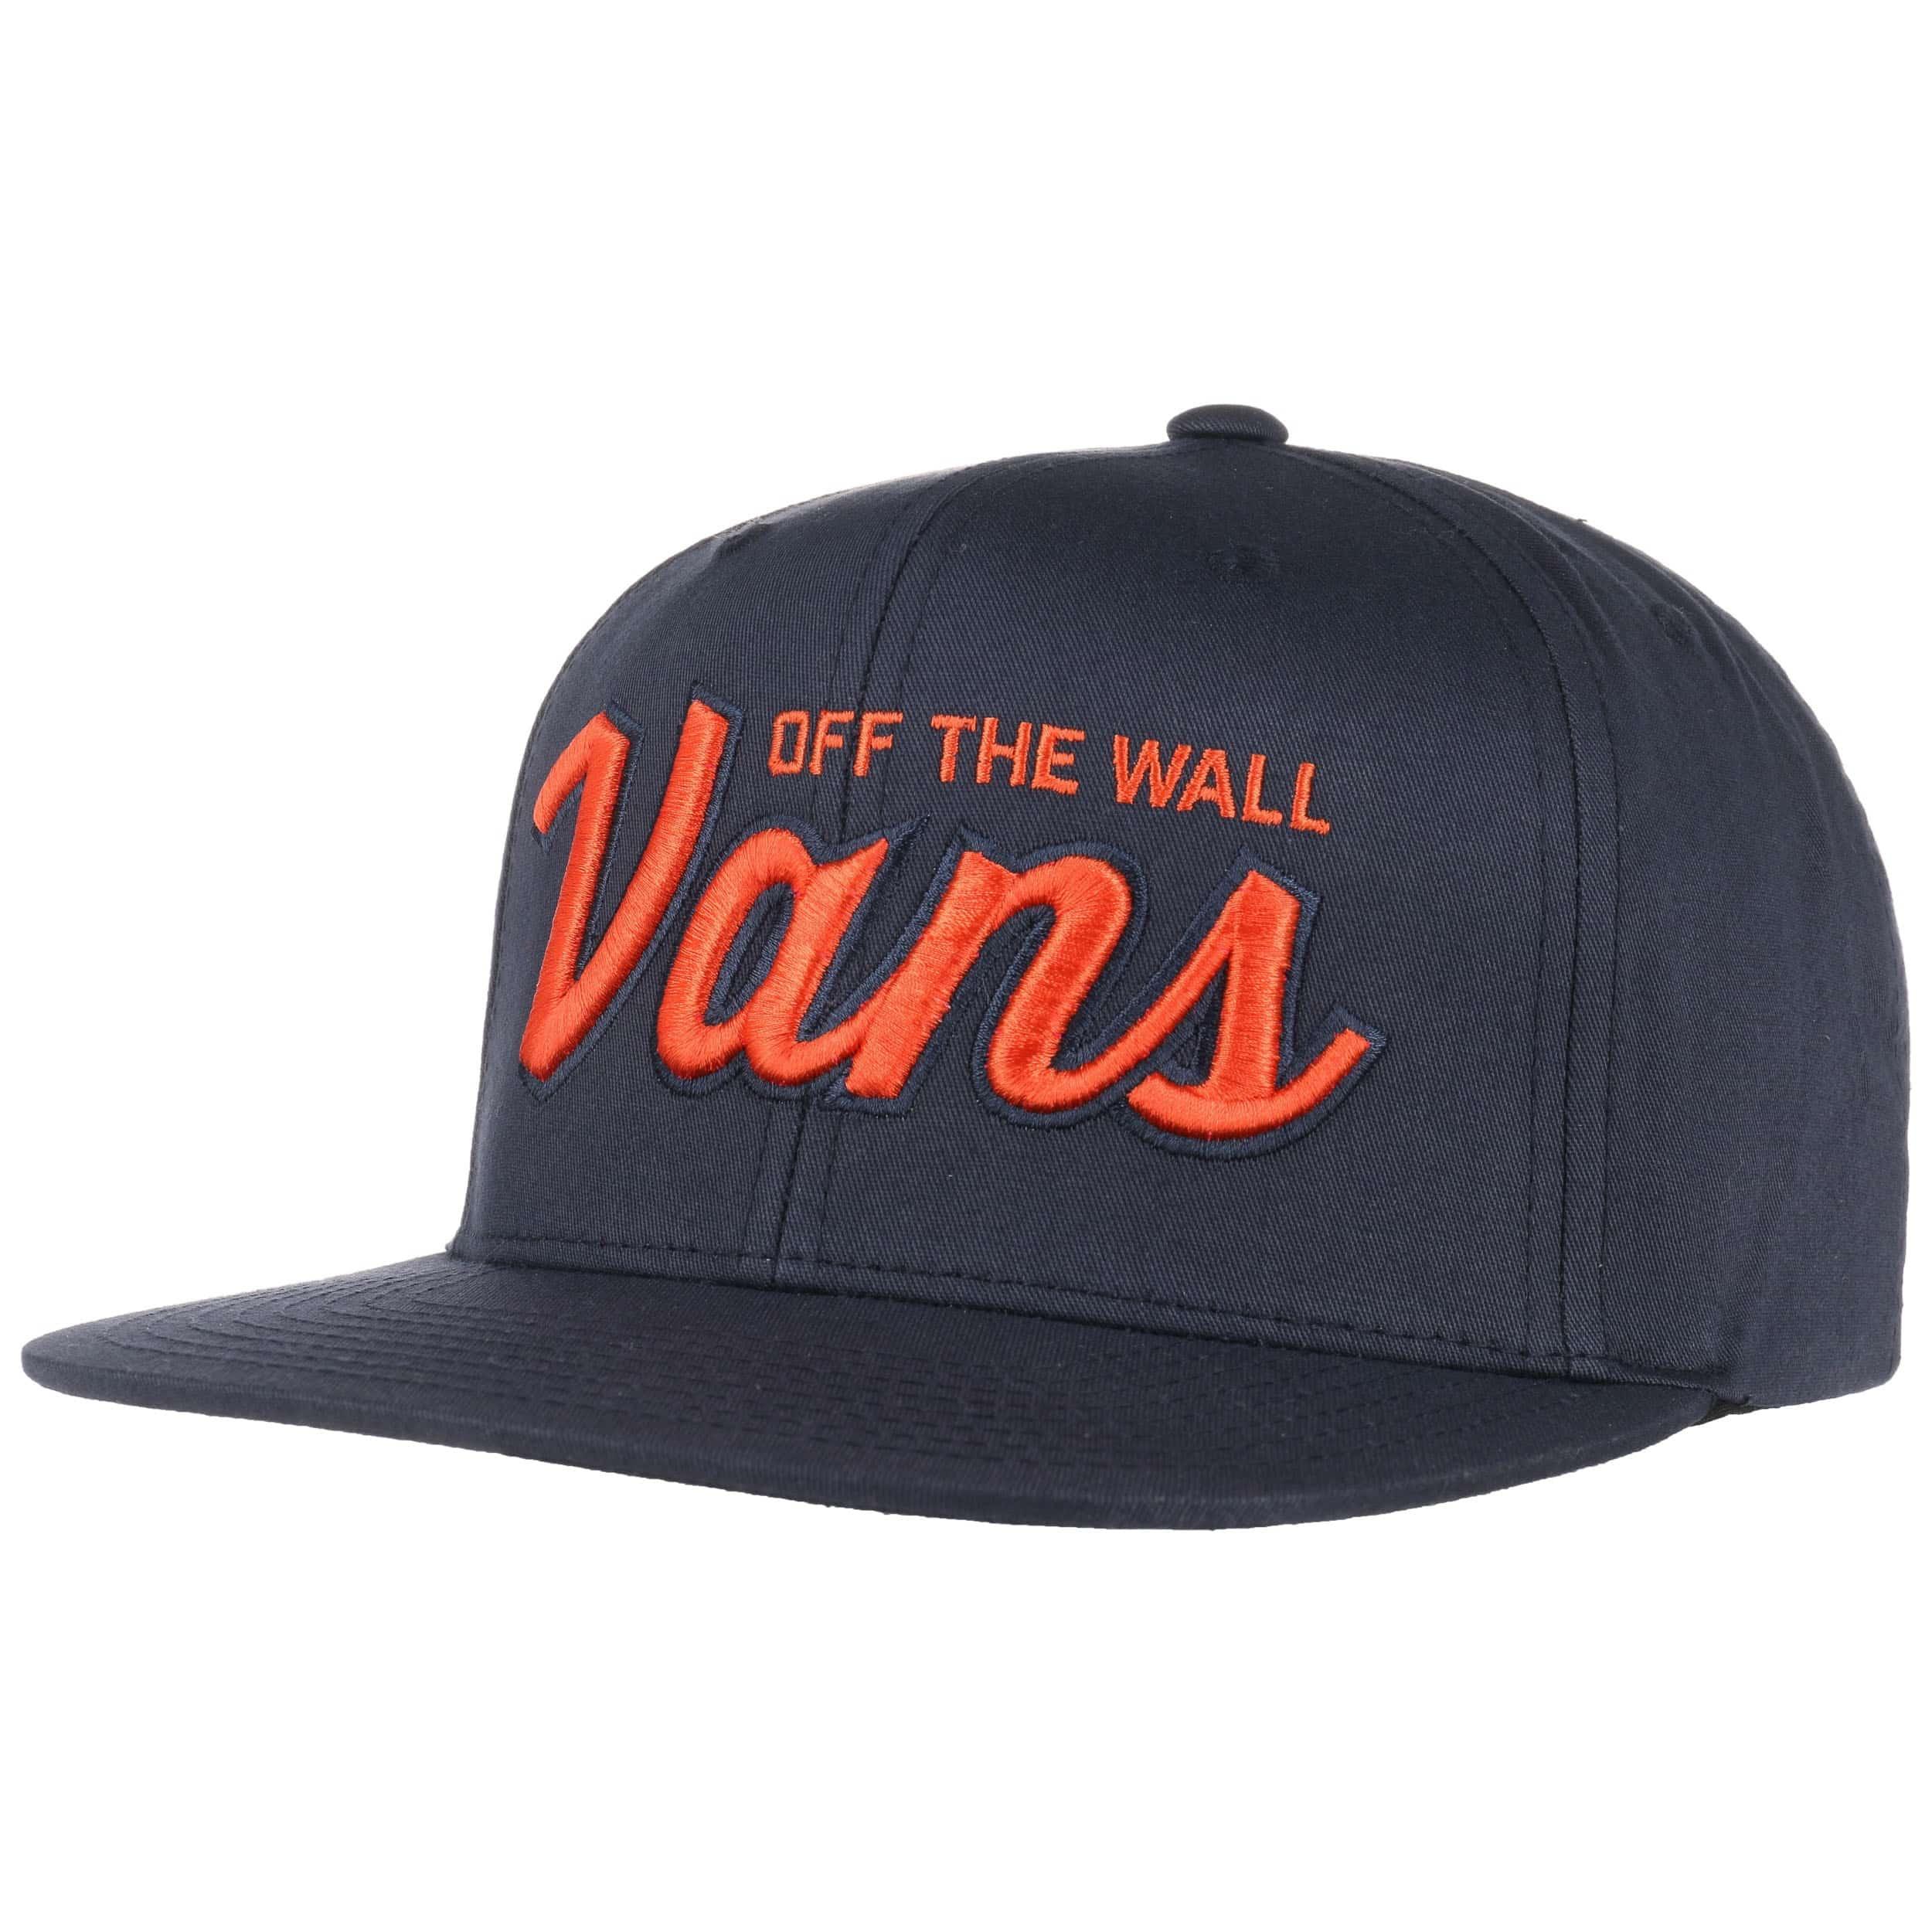 ... Wilmington Snapback Cap by Vans - navy 4 c46d66b1237